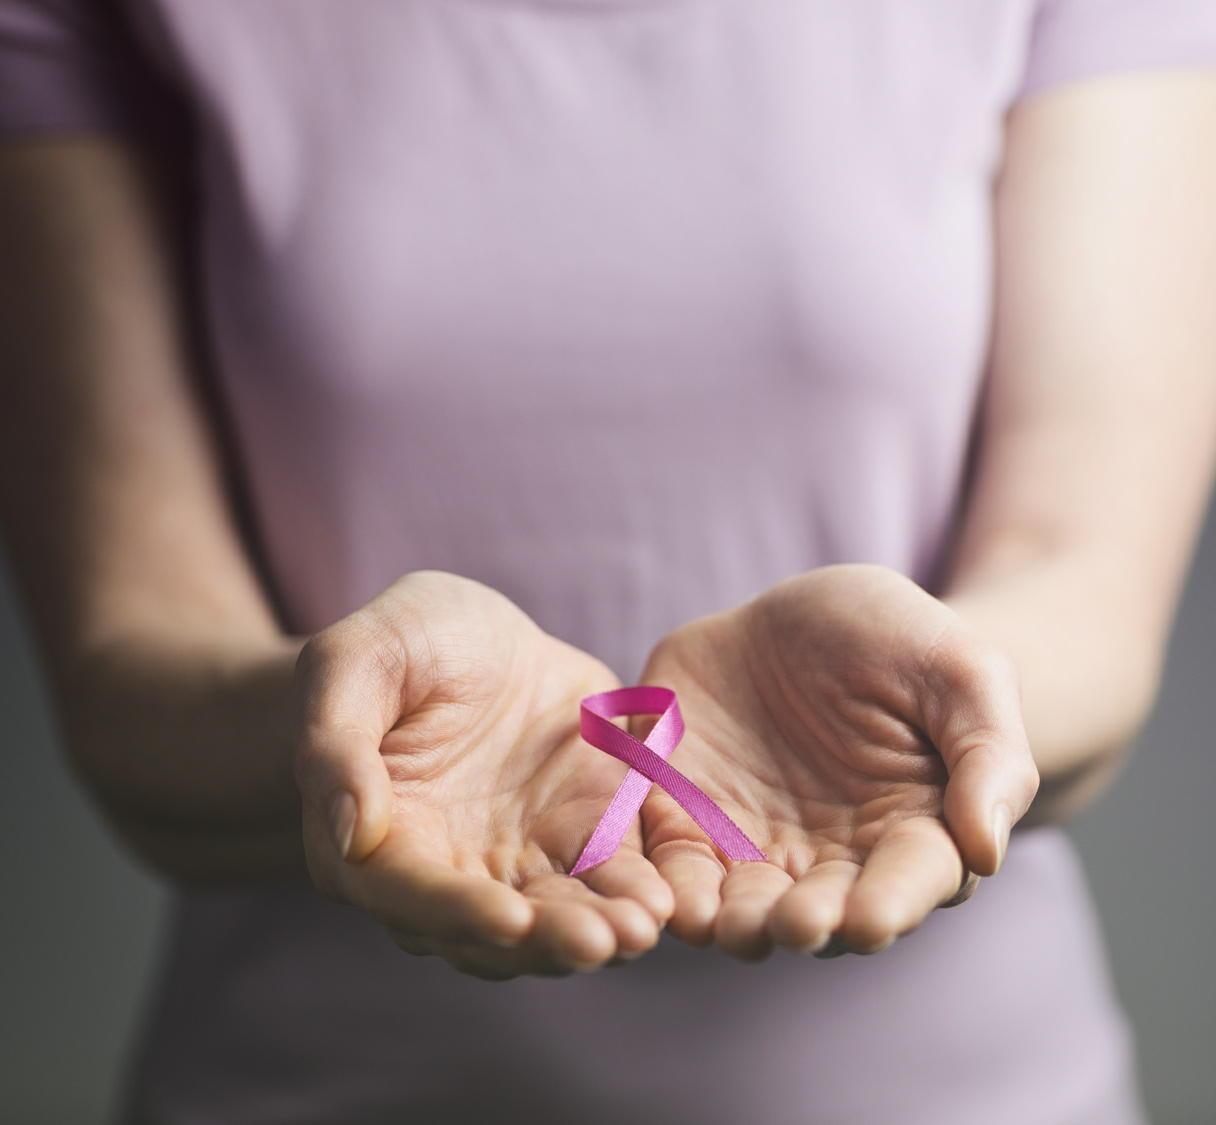 乳がん手術の革新的な診断技術を開発 迅速・簡易な検査で「乳がんの取り残しなし」